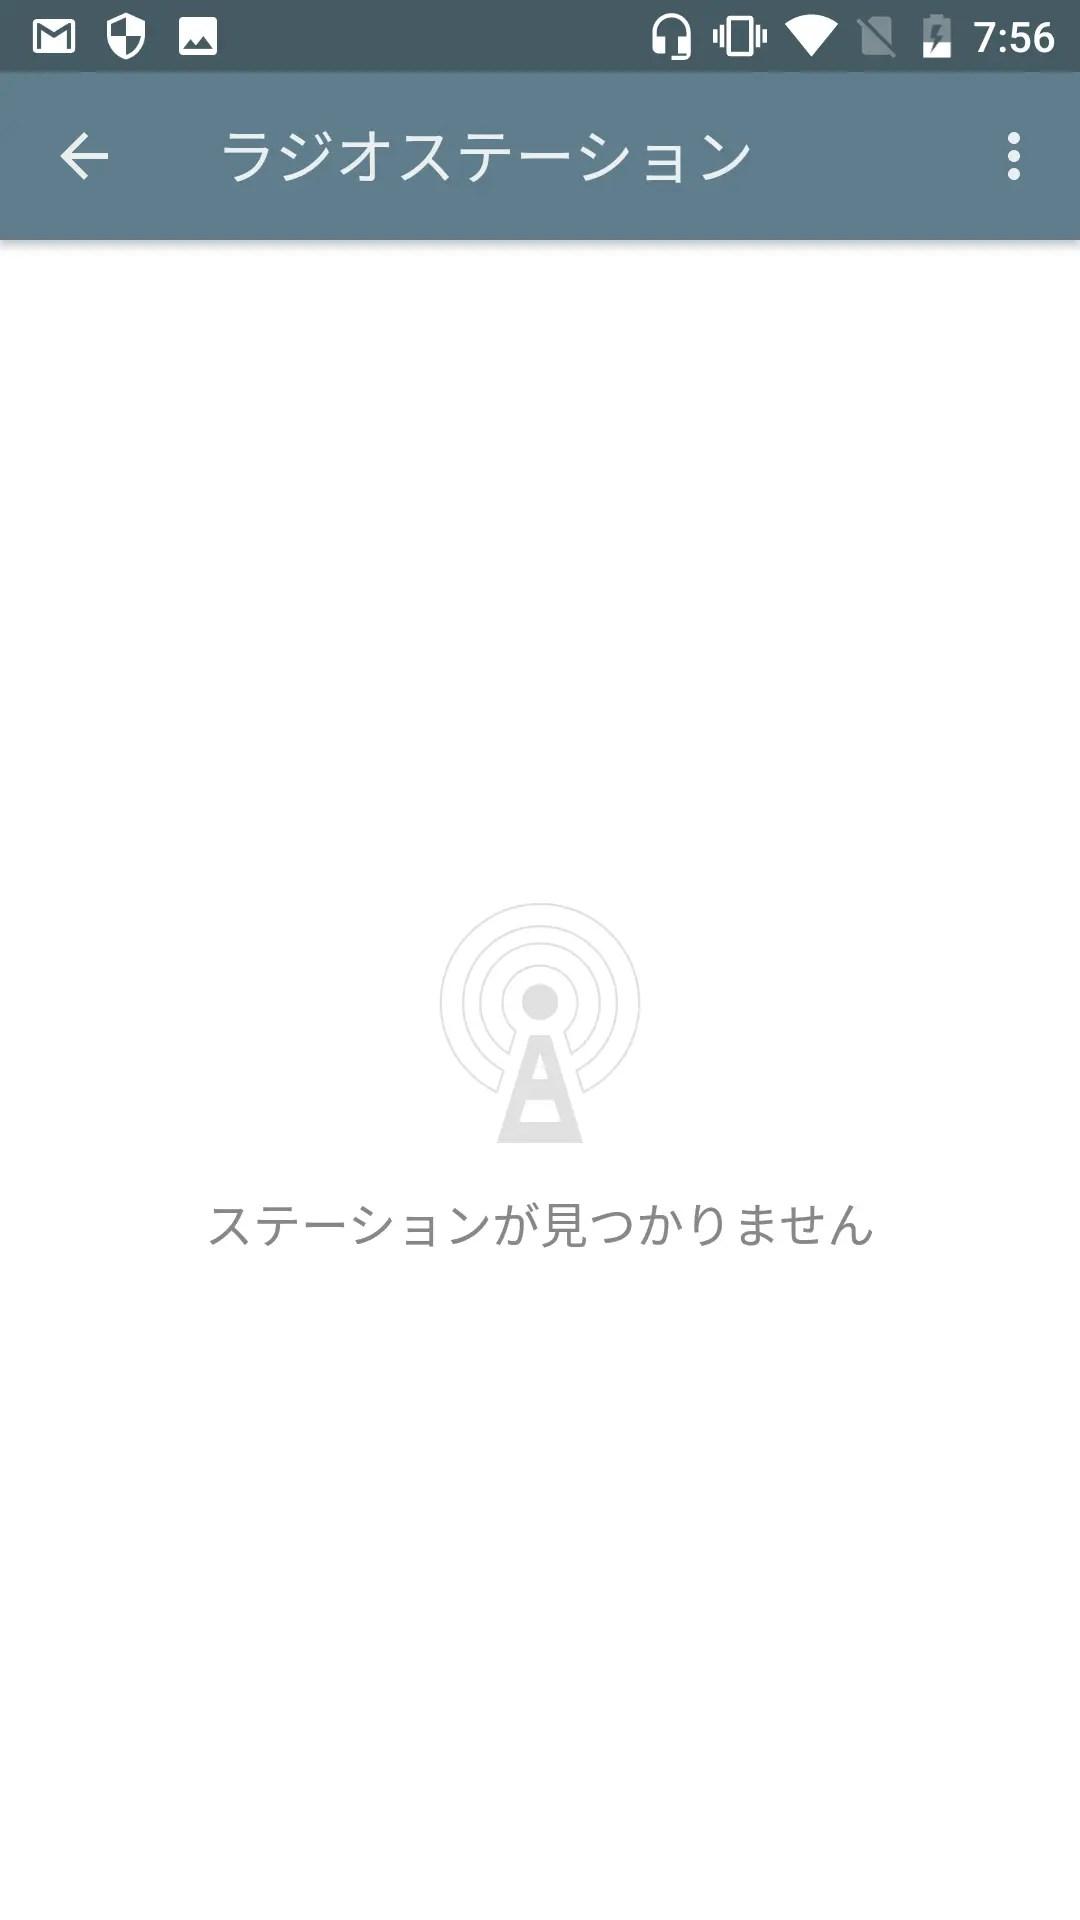 OUKITEL K10000 Pro ラジオ サーチ